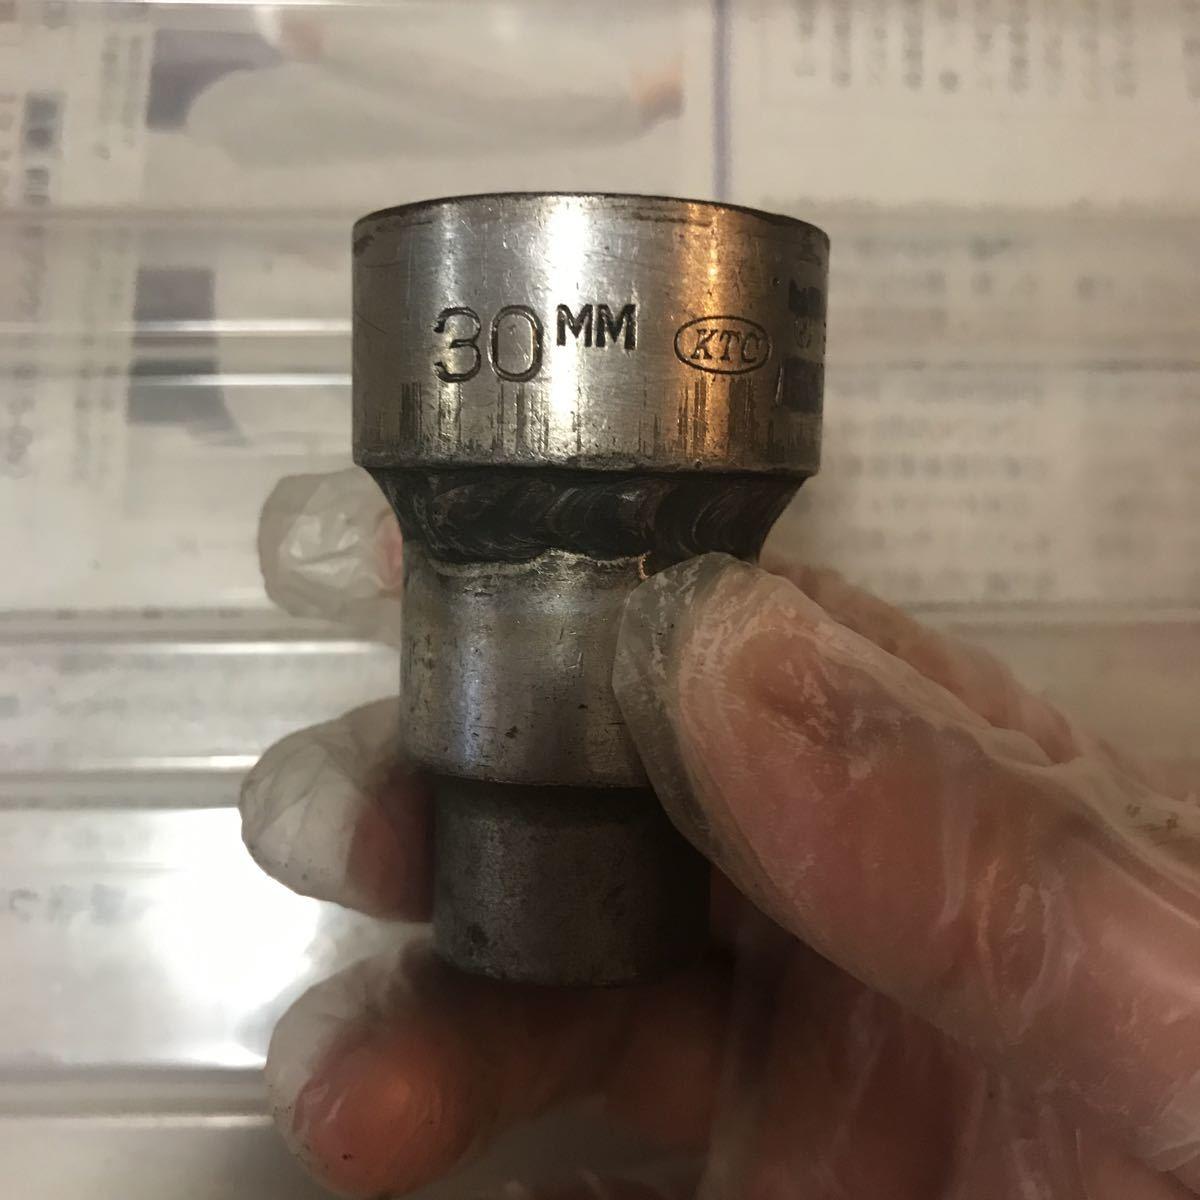 KTC ソケット30mm 差込口1/2 加工品_画像1